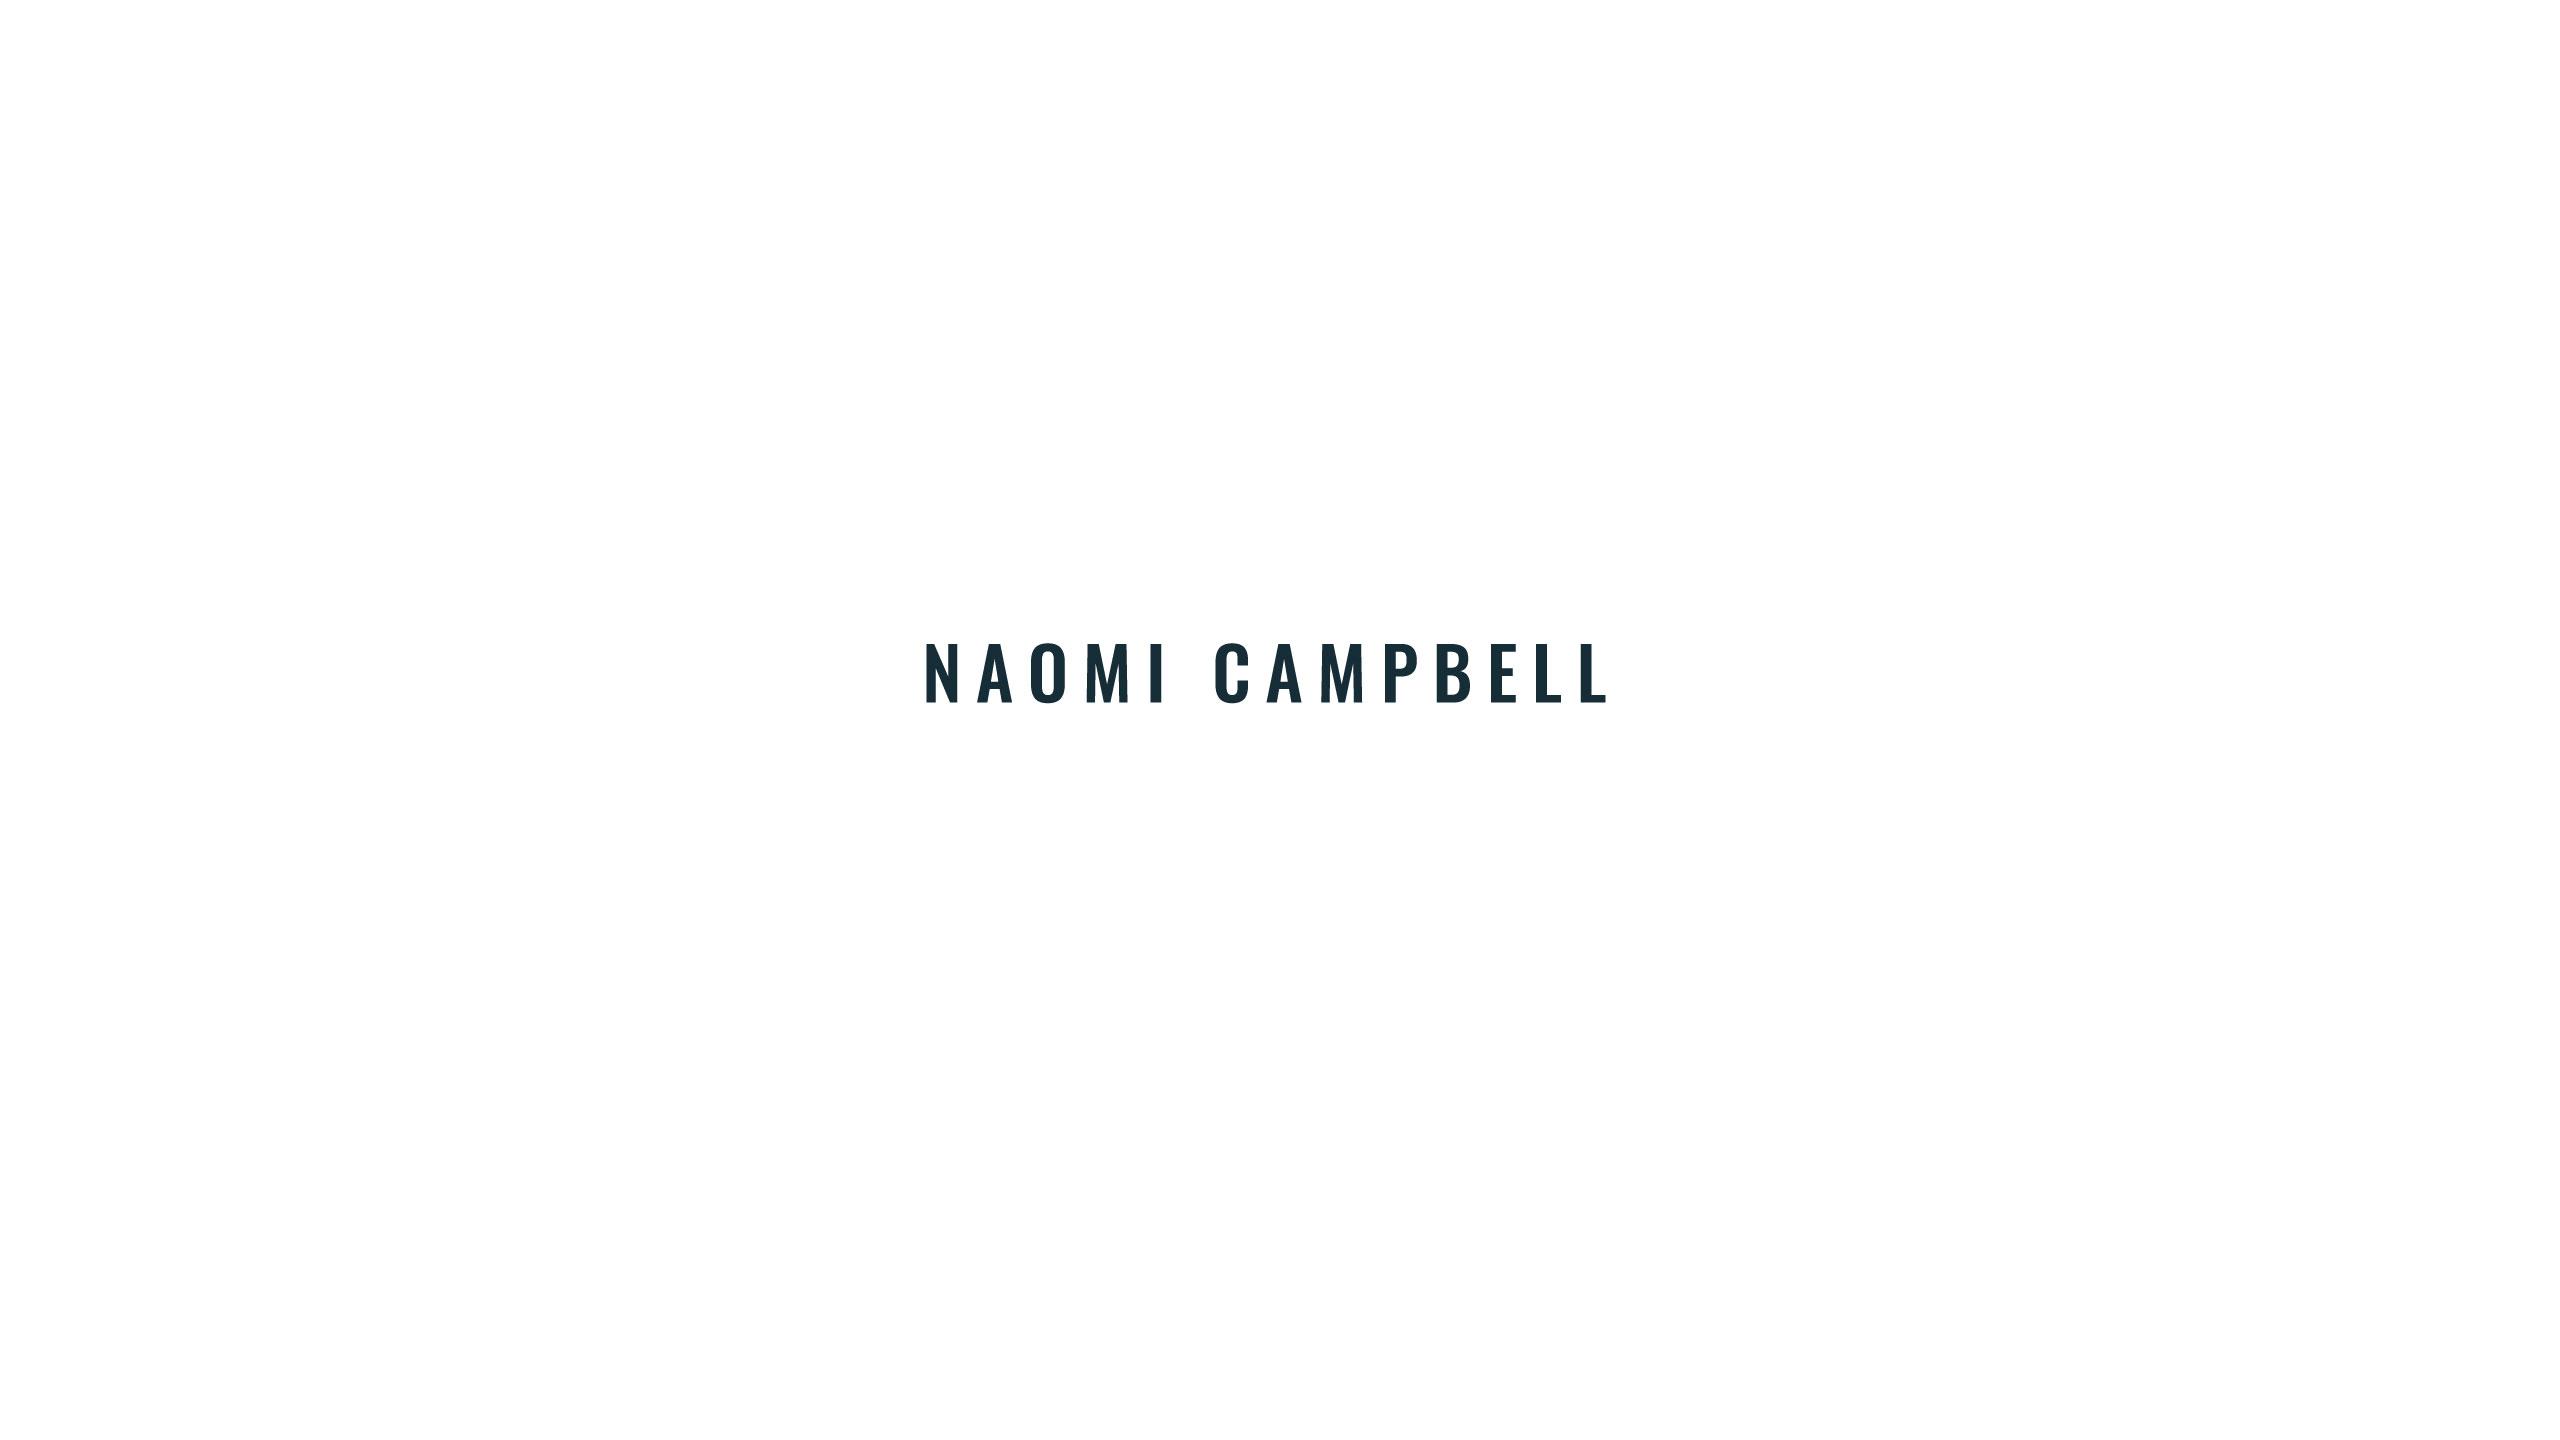 1a_Text_NAOMI_CAMPBELL1